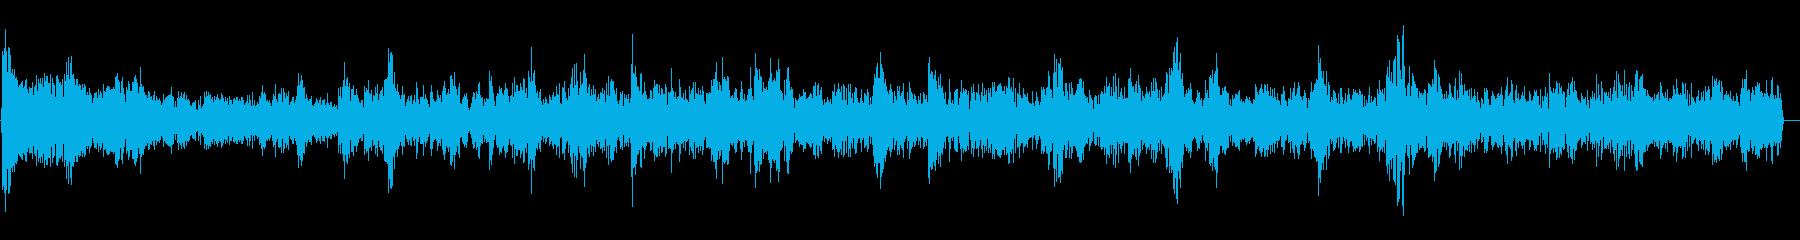 泡の音(大量、小さい泡、水流)の再生済みの波形